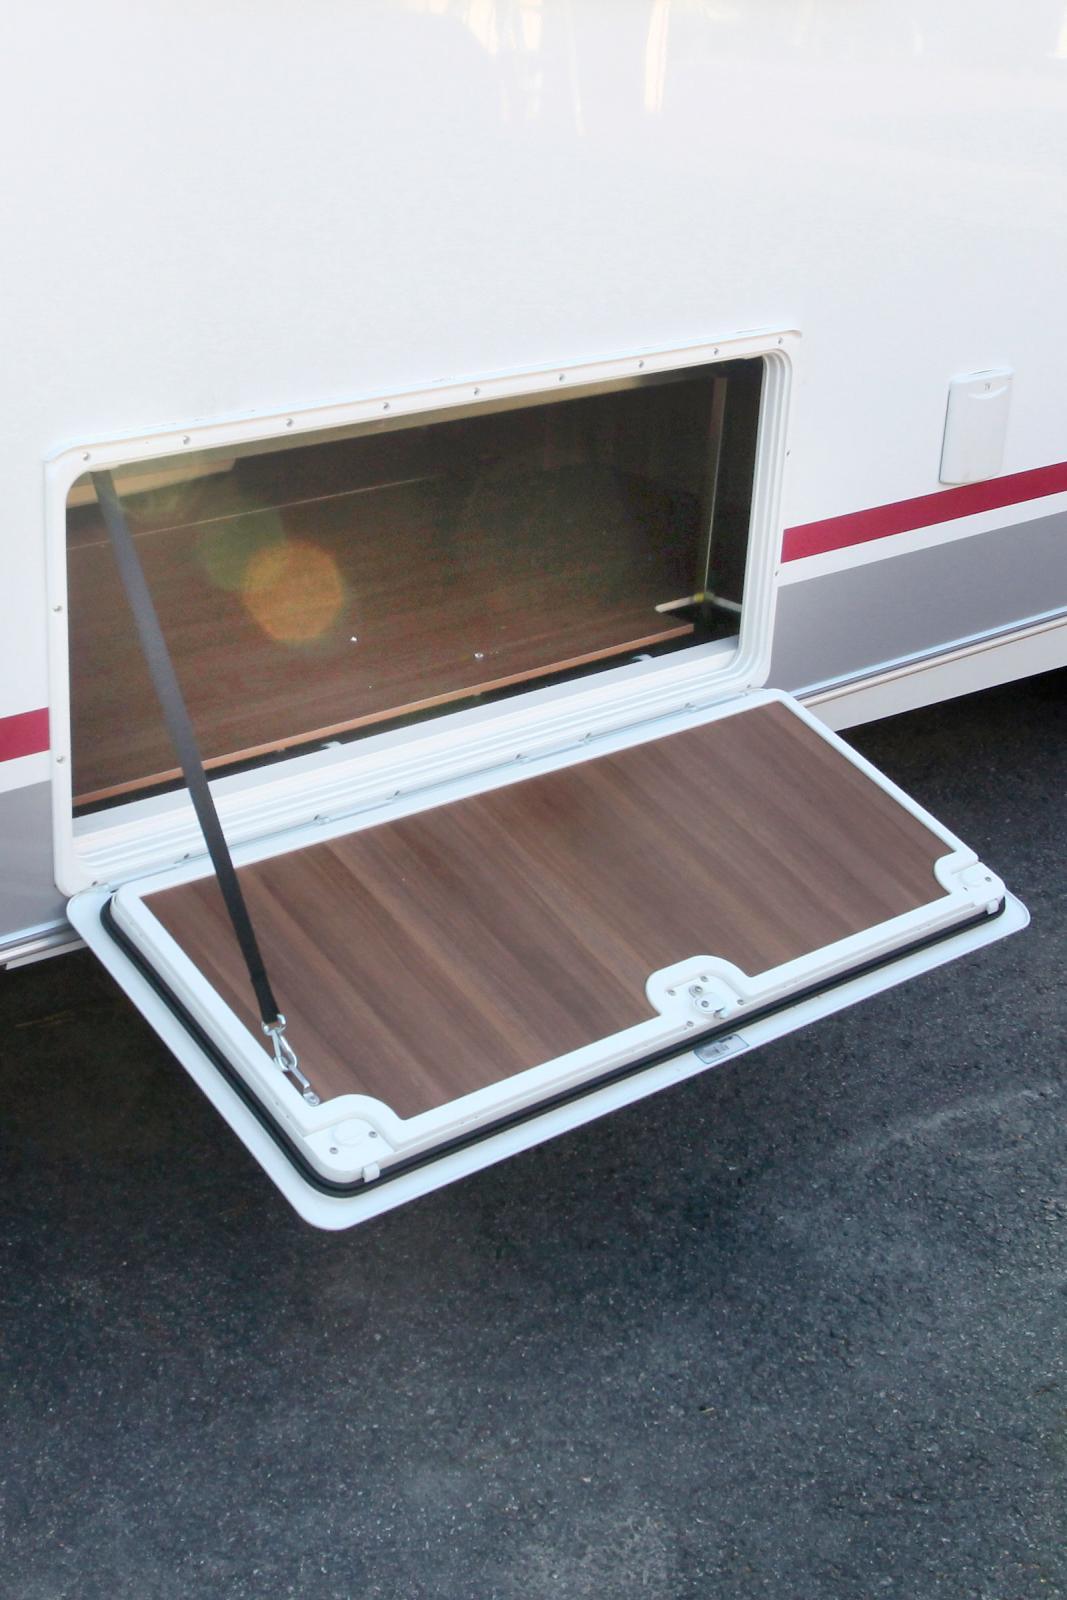 Det finns gott om förvaringsutrymme under sängen. Det gäller dock att vara försiktig så att husvagnen inte blir för baktung.